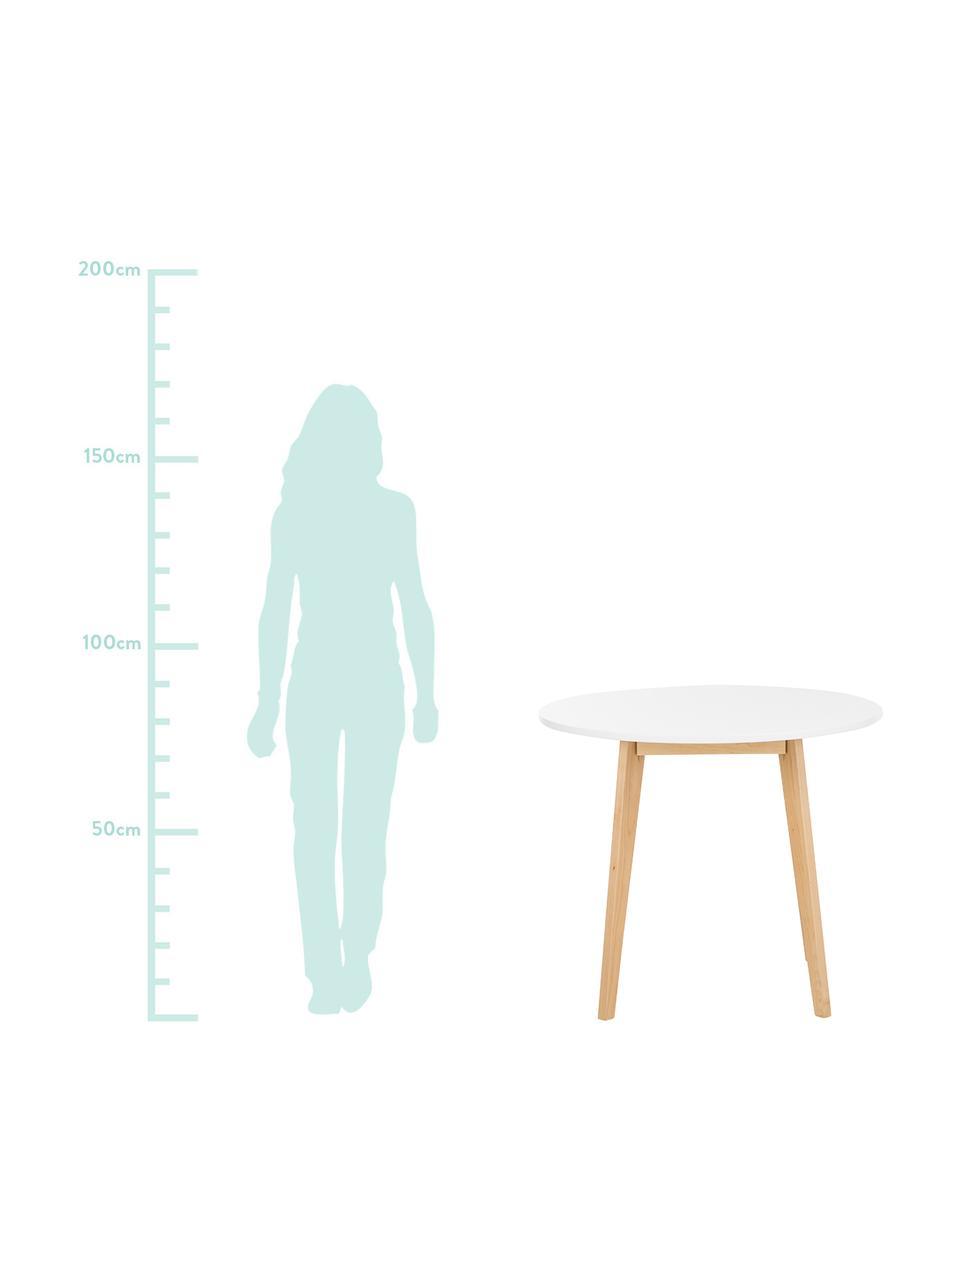 Kleiner runder Esstisch Raven im Skandi-Design, Beine: Birkenholz, naturbelassen, Tischplatte: Mitteldichte Holzfaserpla, Weiß, Birkenholz, naturbelassen, Ø 90 cm